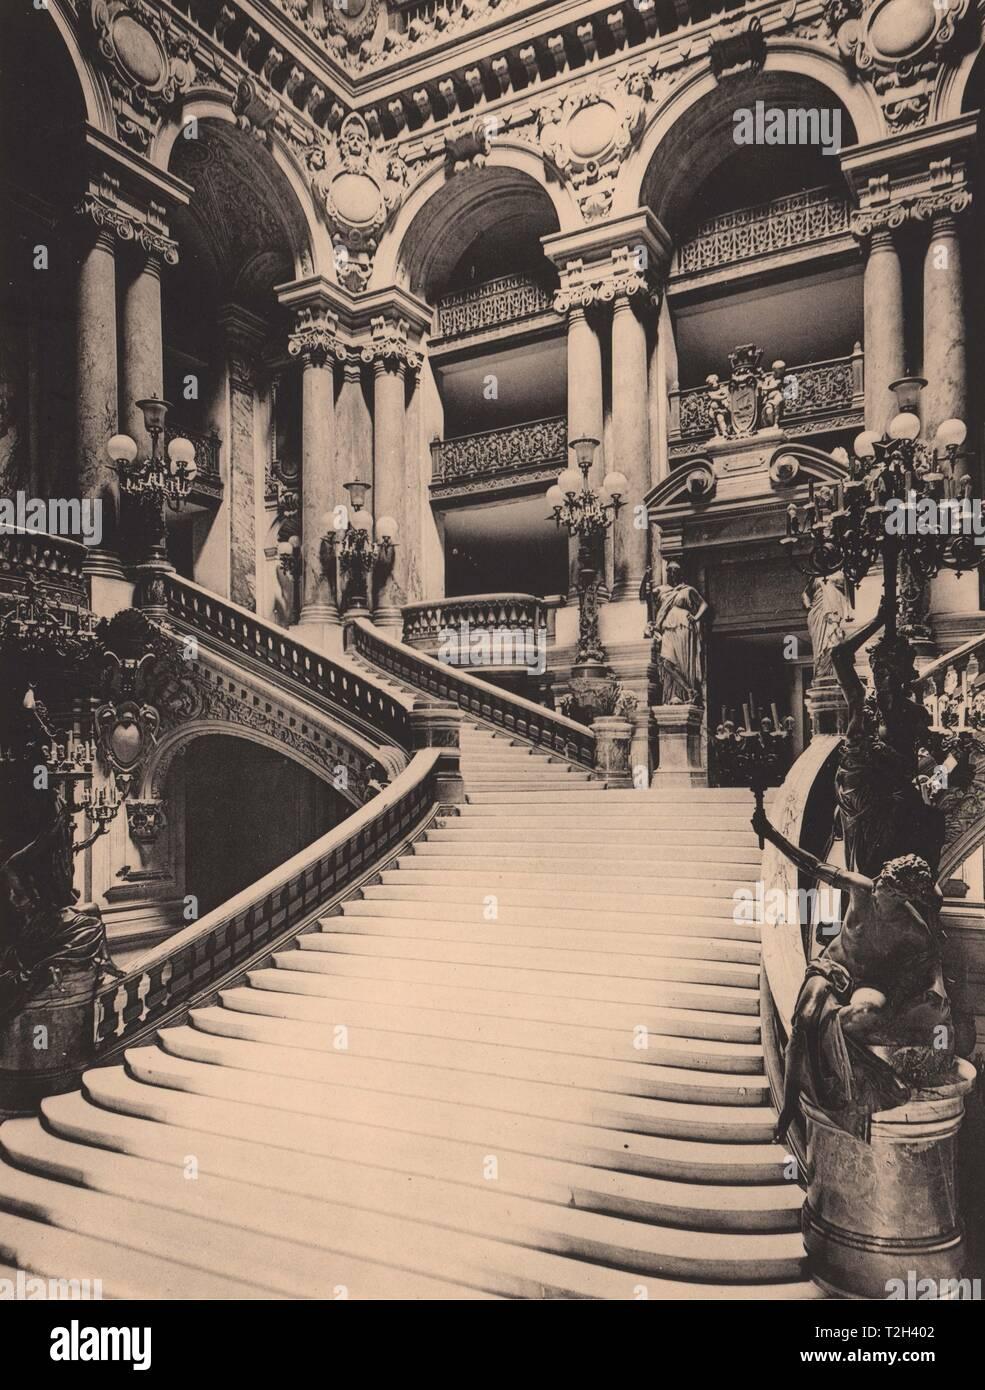 Intérieur de l'Opéra - Le grand Escalier Foto Stock